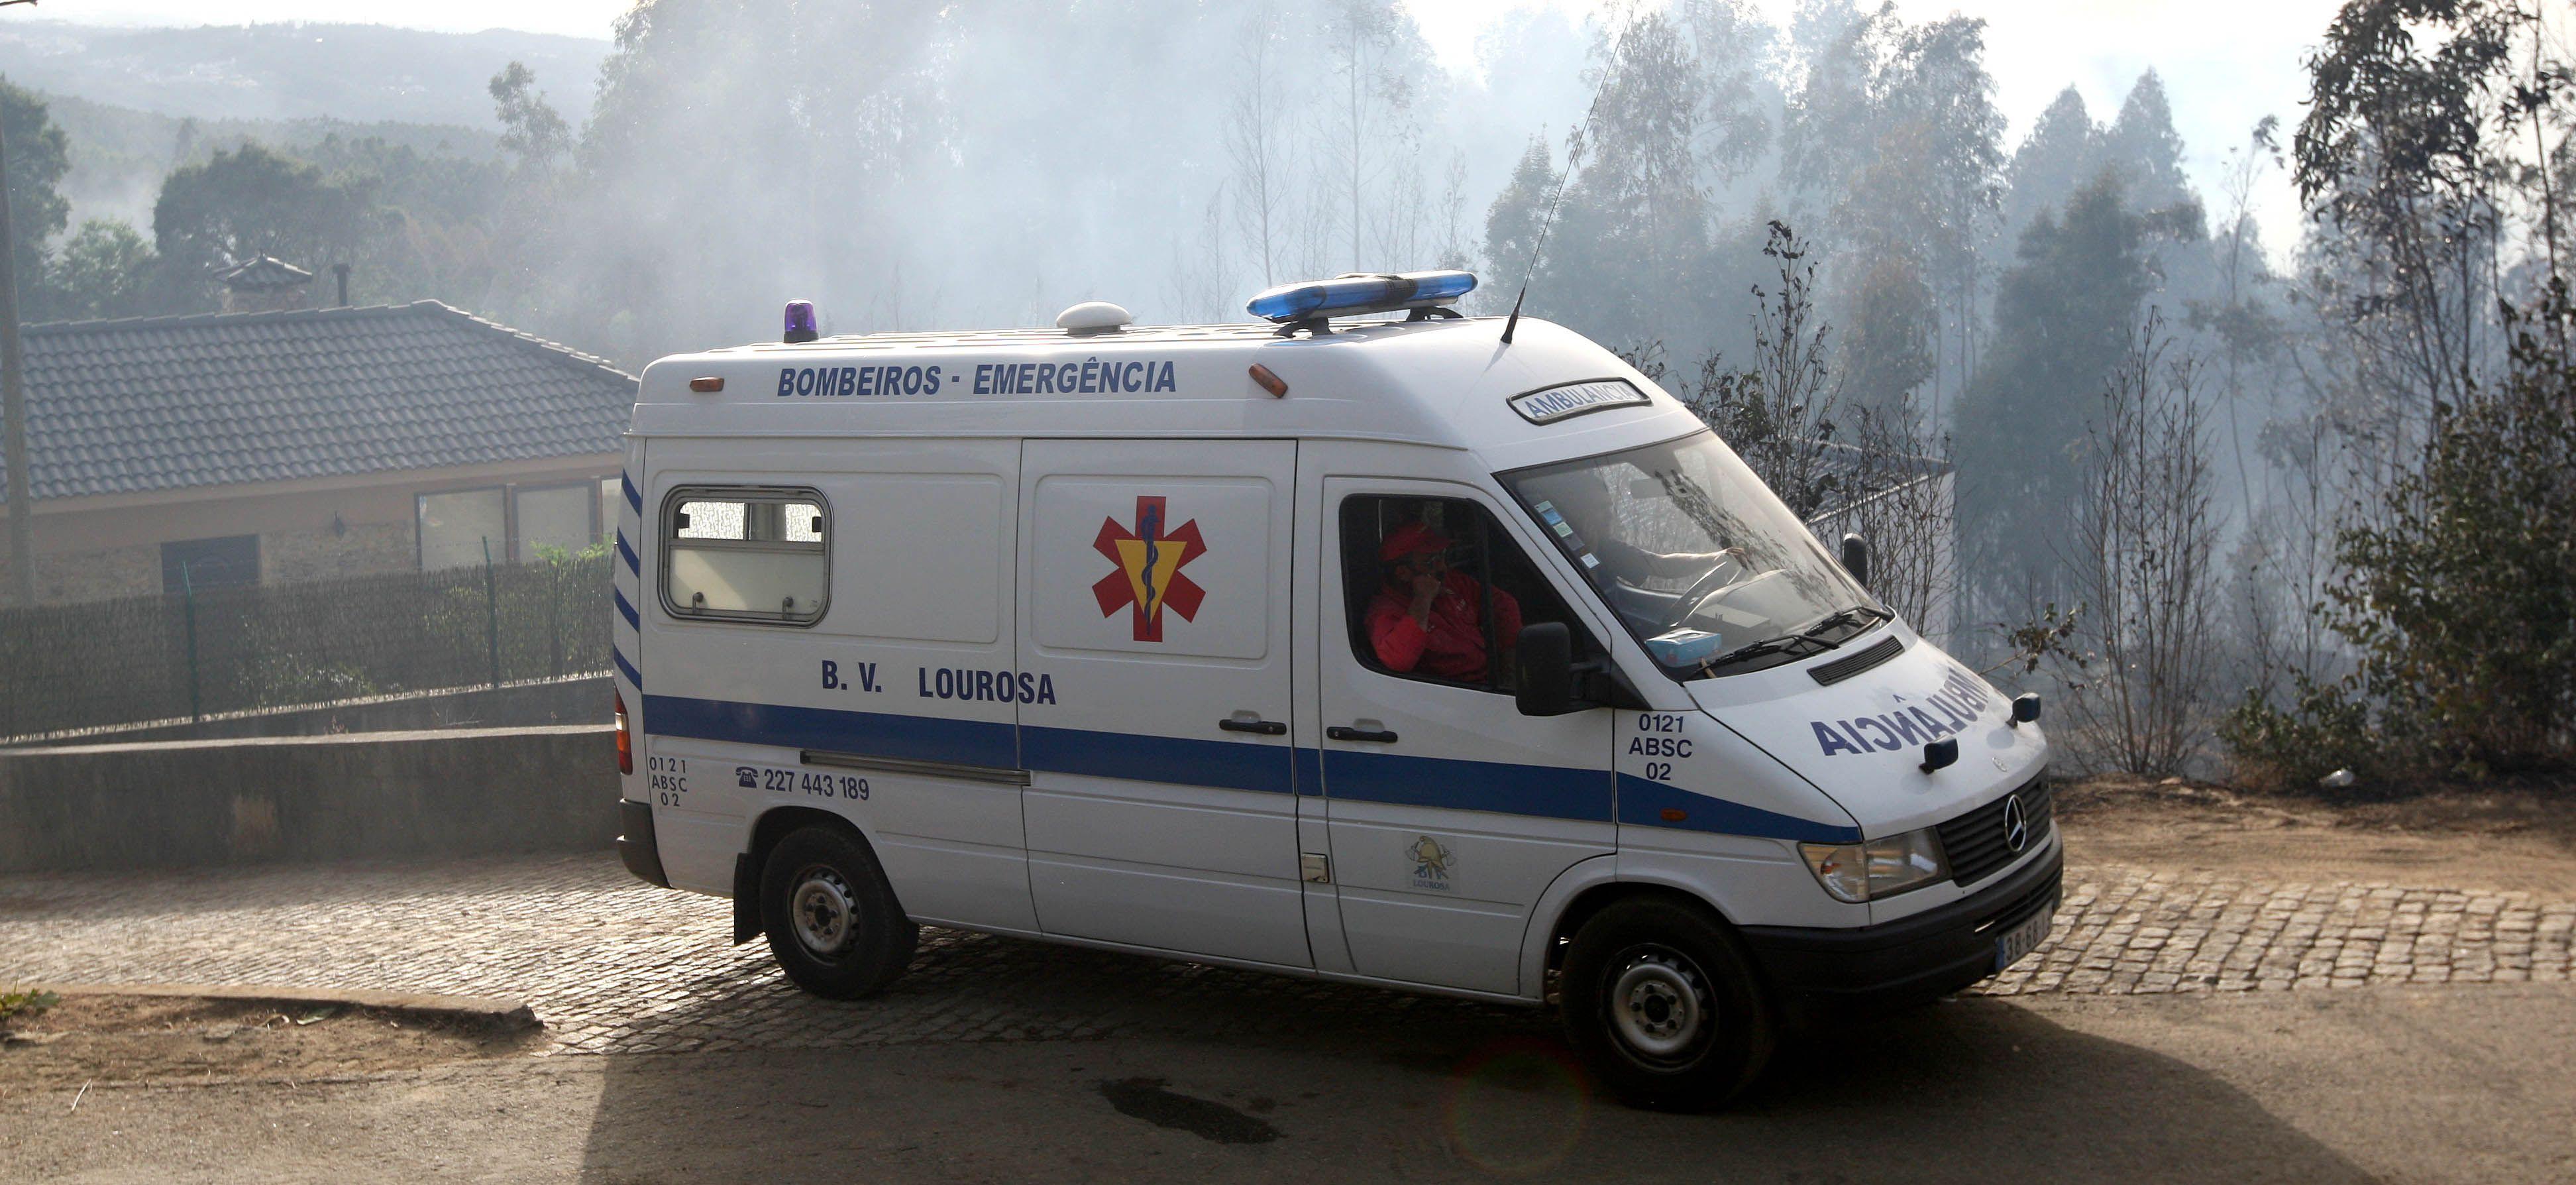 Mais de 50 bombeiros de Lourosa parados em protesto contra direção